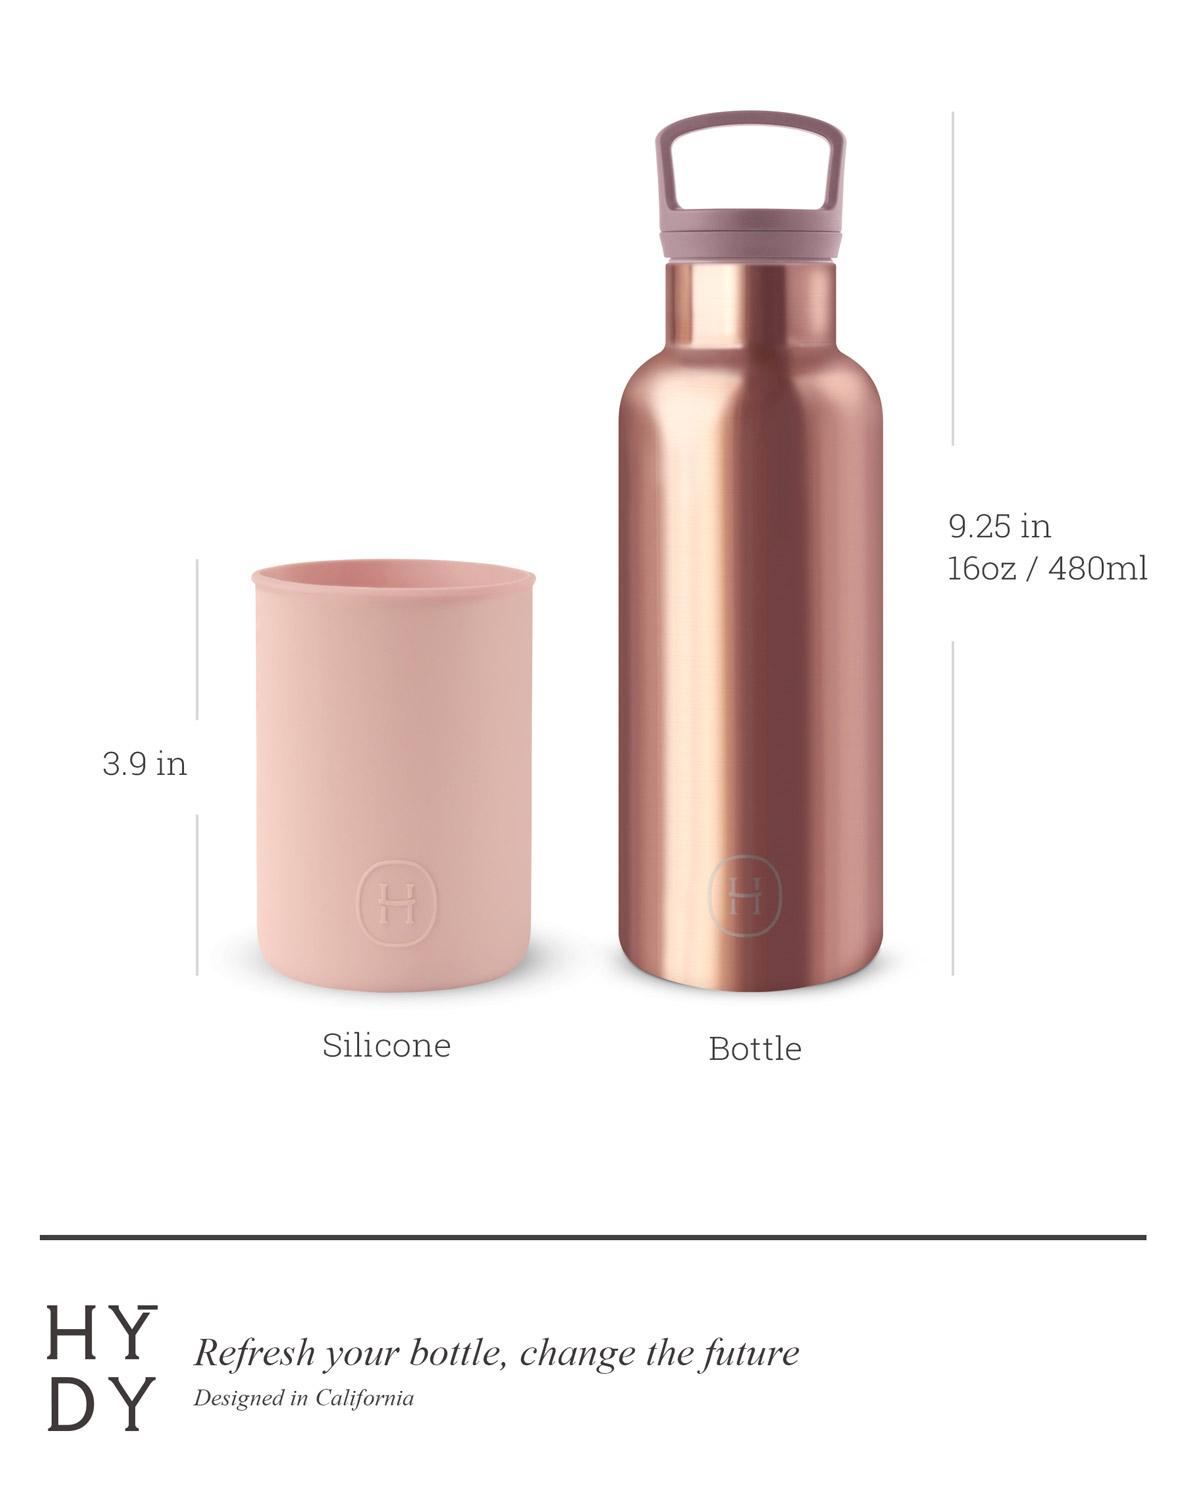 美國 HYDY 時尚不銹鋼保溫水瓶 480ml 蜜粉金瓶 (拿鐵)